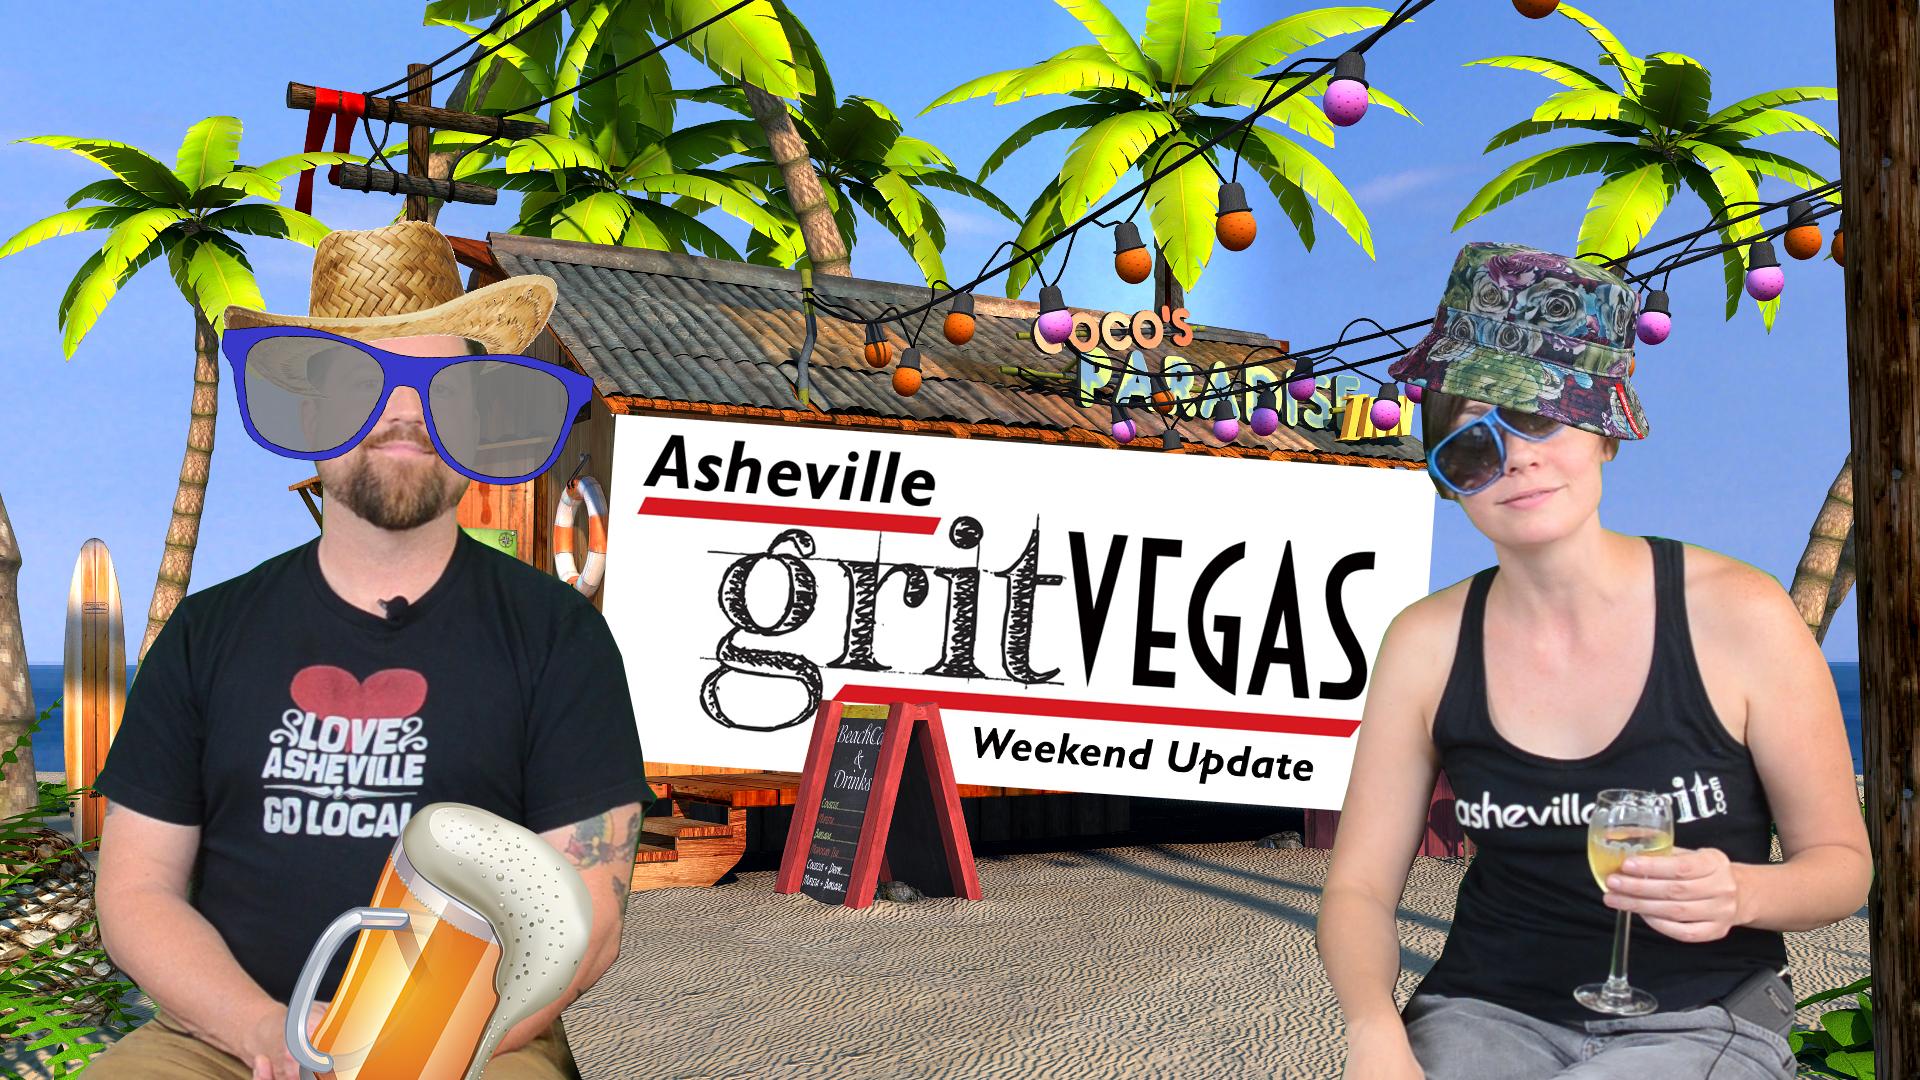 Asheville GritVegas Weekend Update for the weekend of July 14